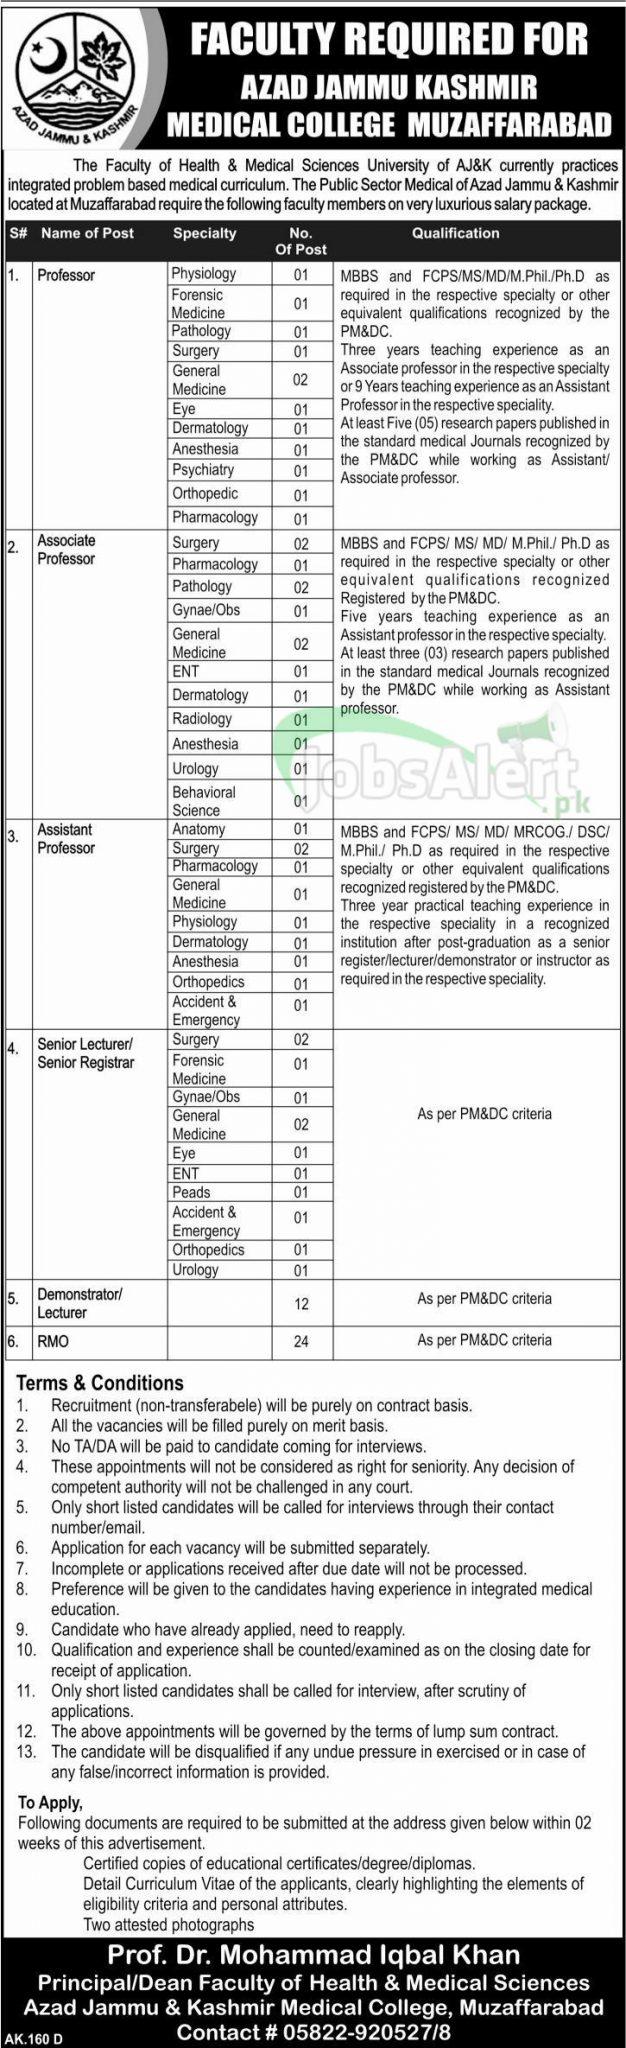 Jobs 2014 in Azad Jammu & Kashmir Medical College Muzaffarabad